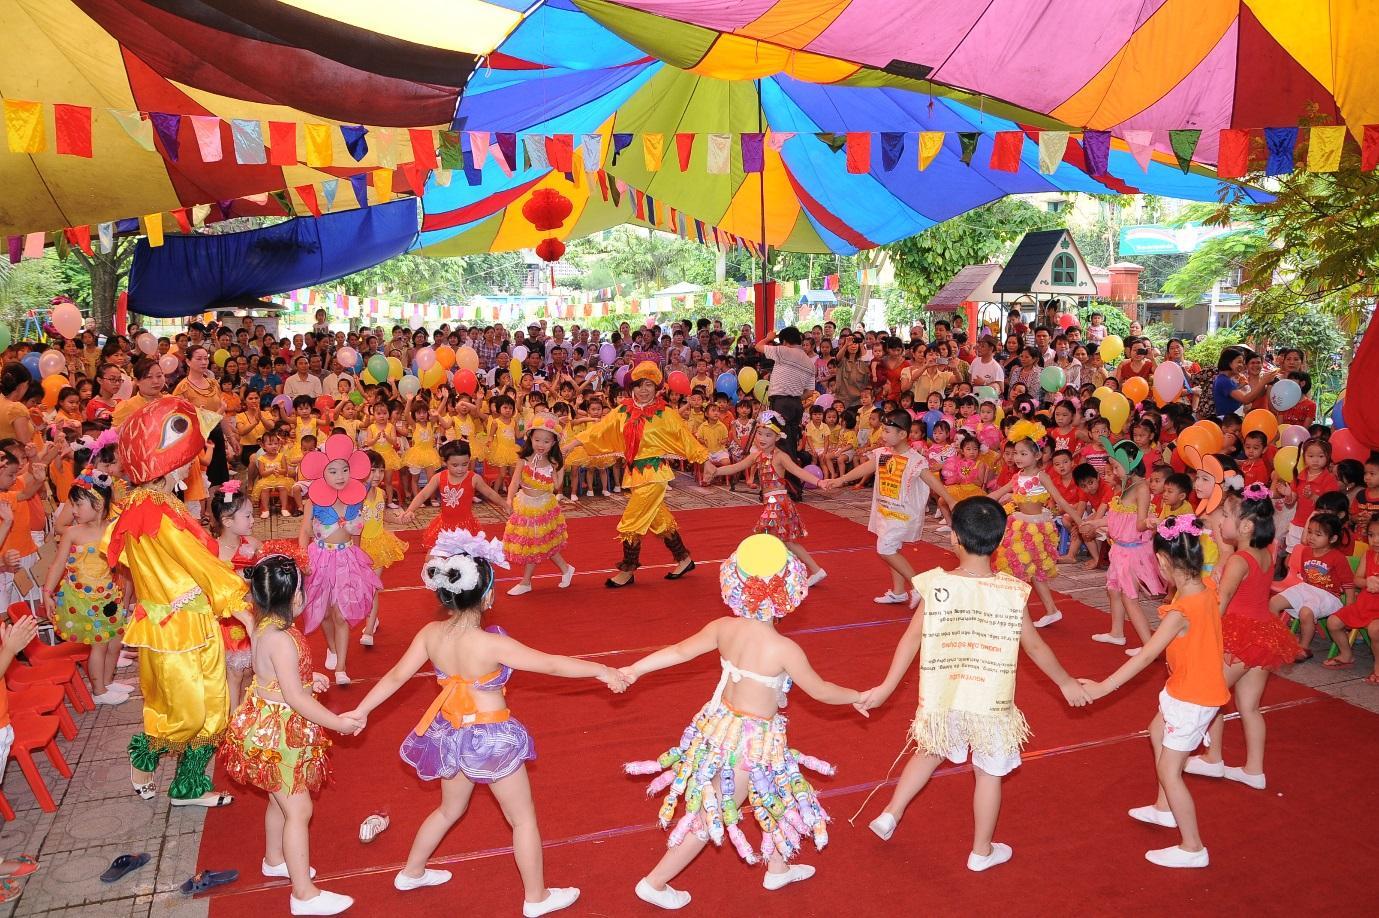 C:\Users\Administrator\Documents\Ánh sáng gia đình\tổ chức sự kiện chương trình thiếu nhi\to-chuc-su-kien-chuong-trinh-thieu-nhi-02.JPG